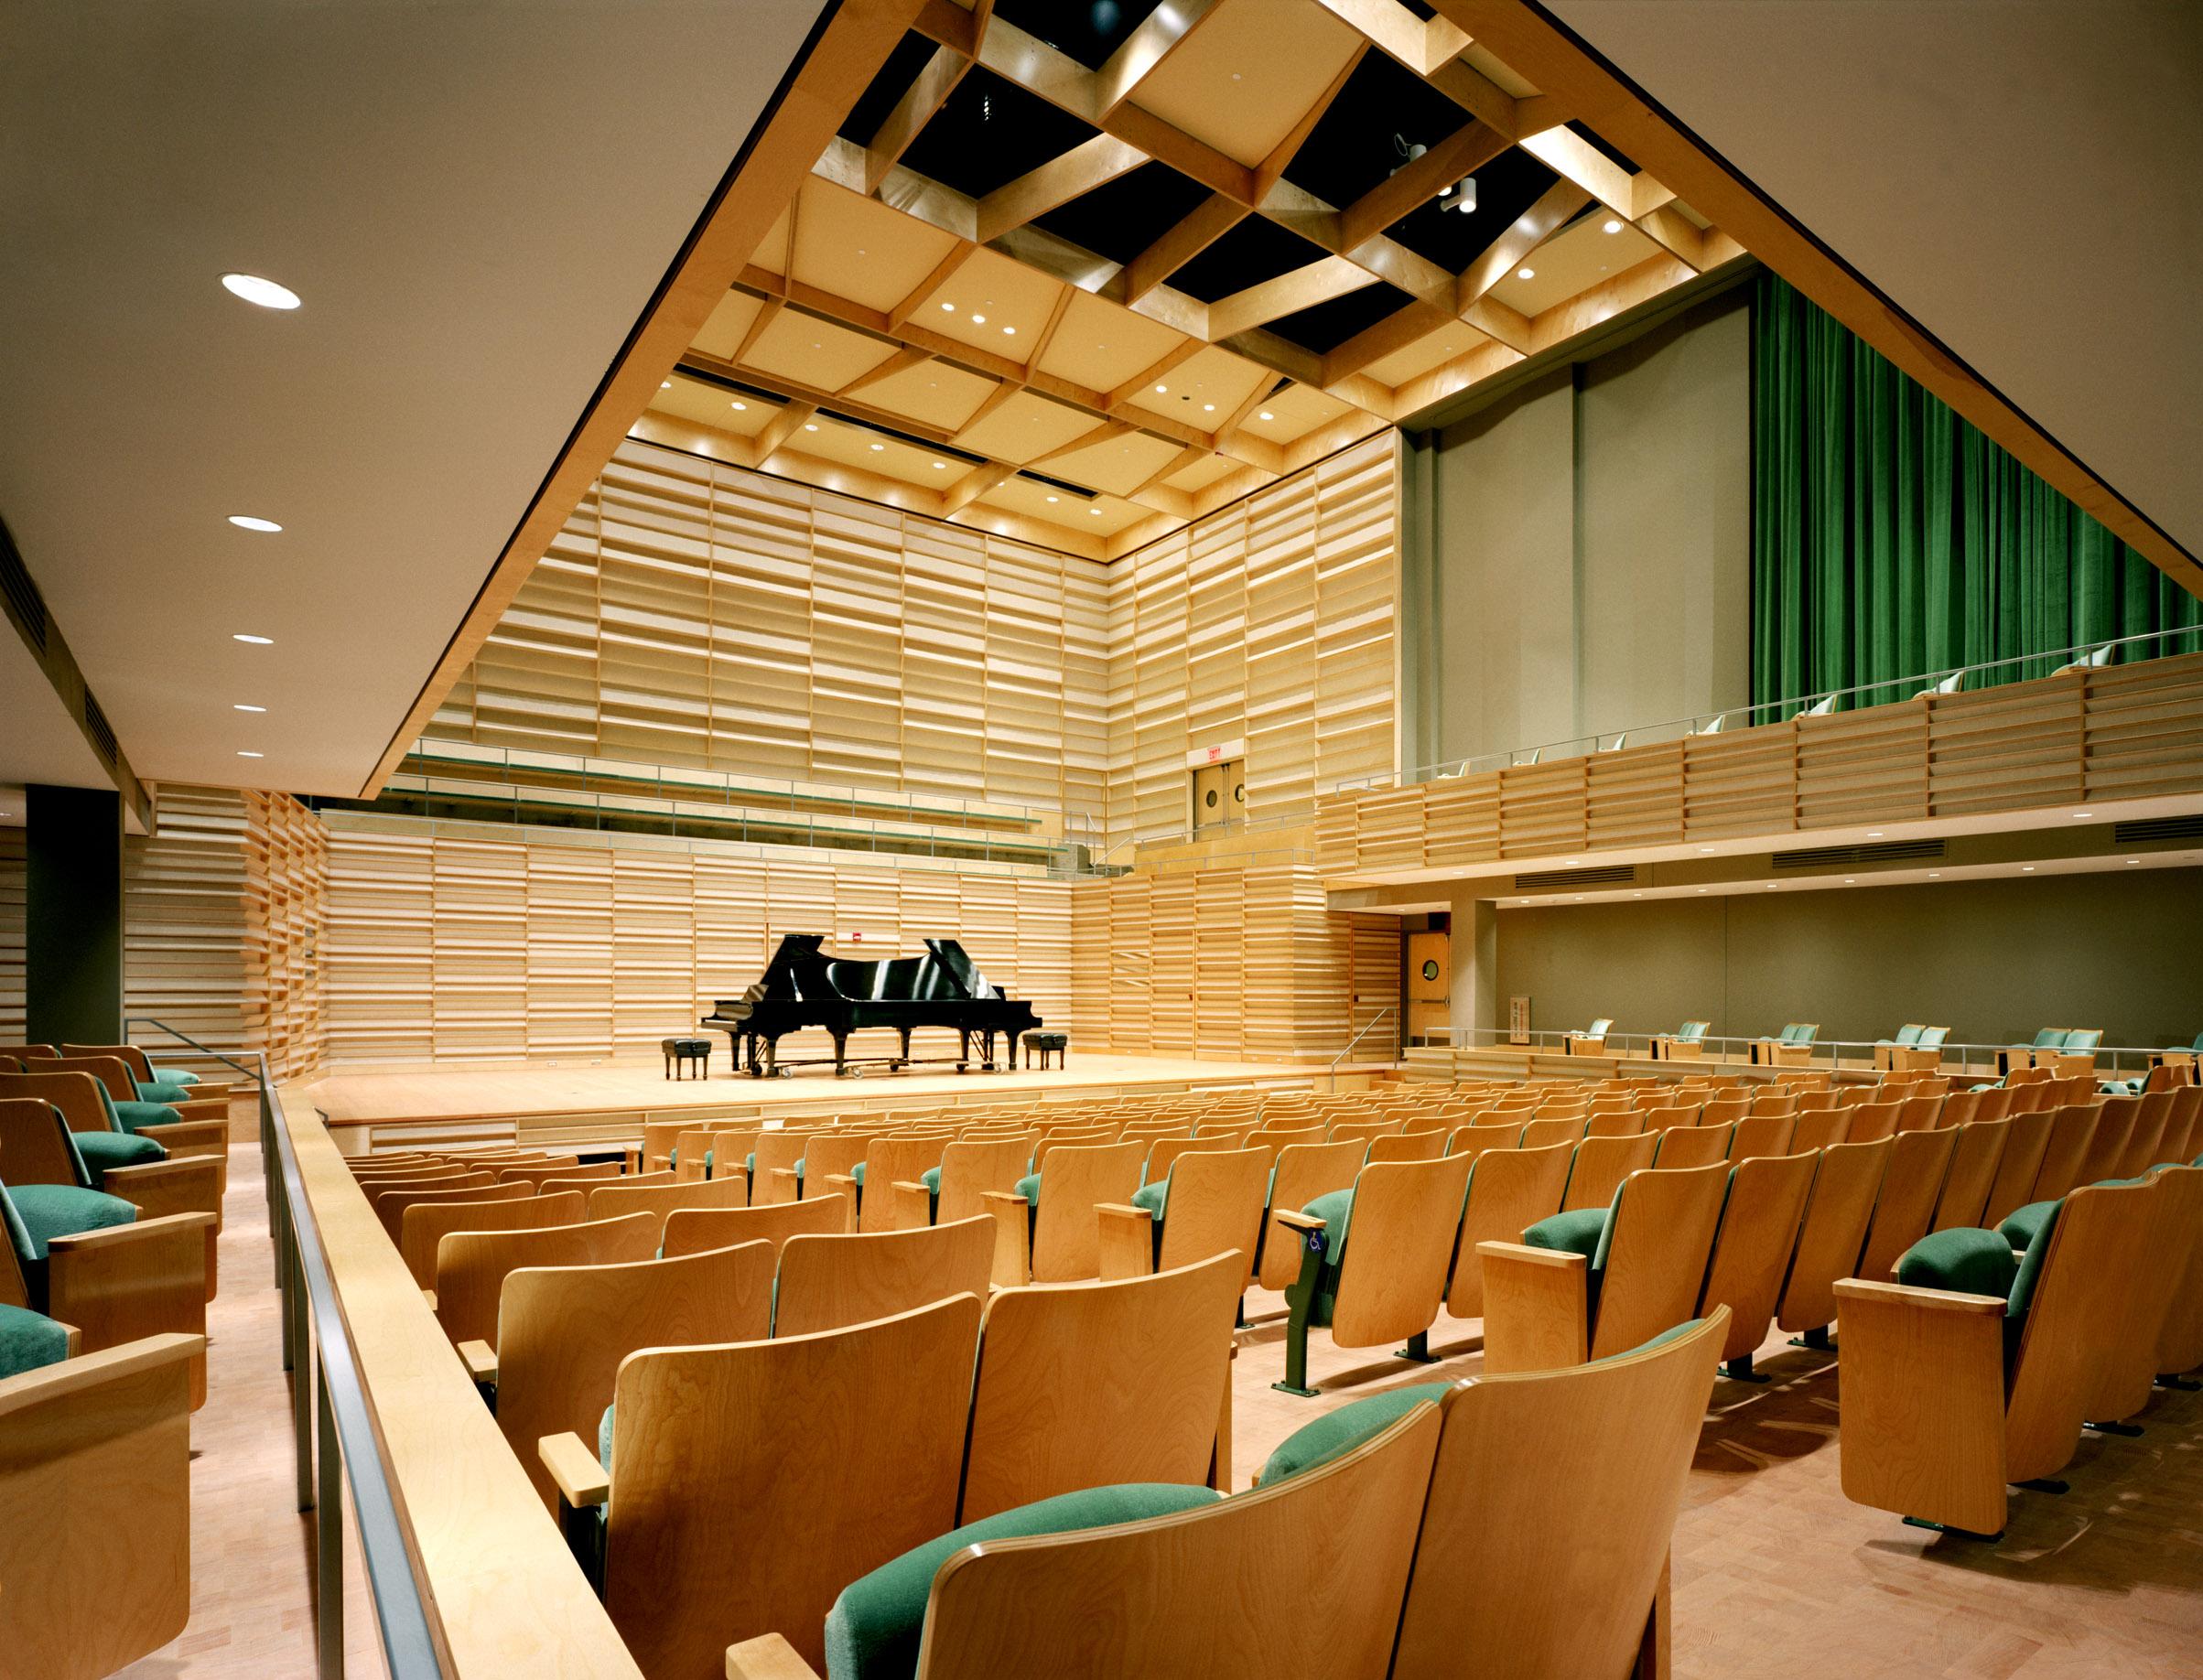 SUNY Fredonia - Mason Hall